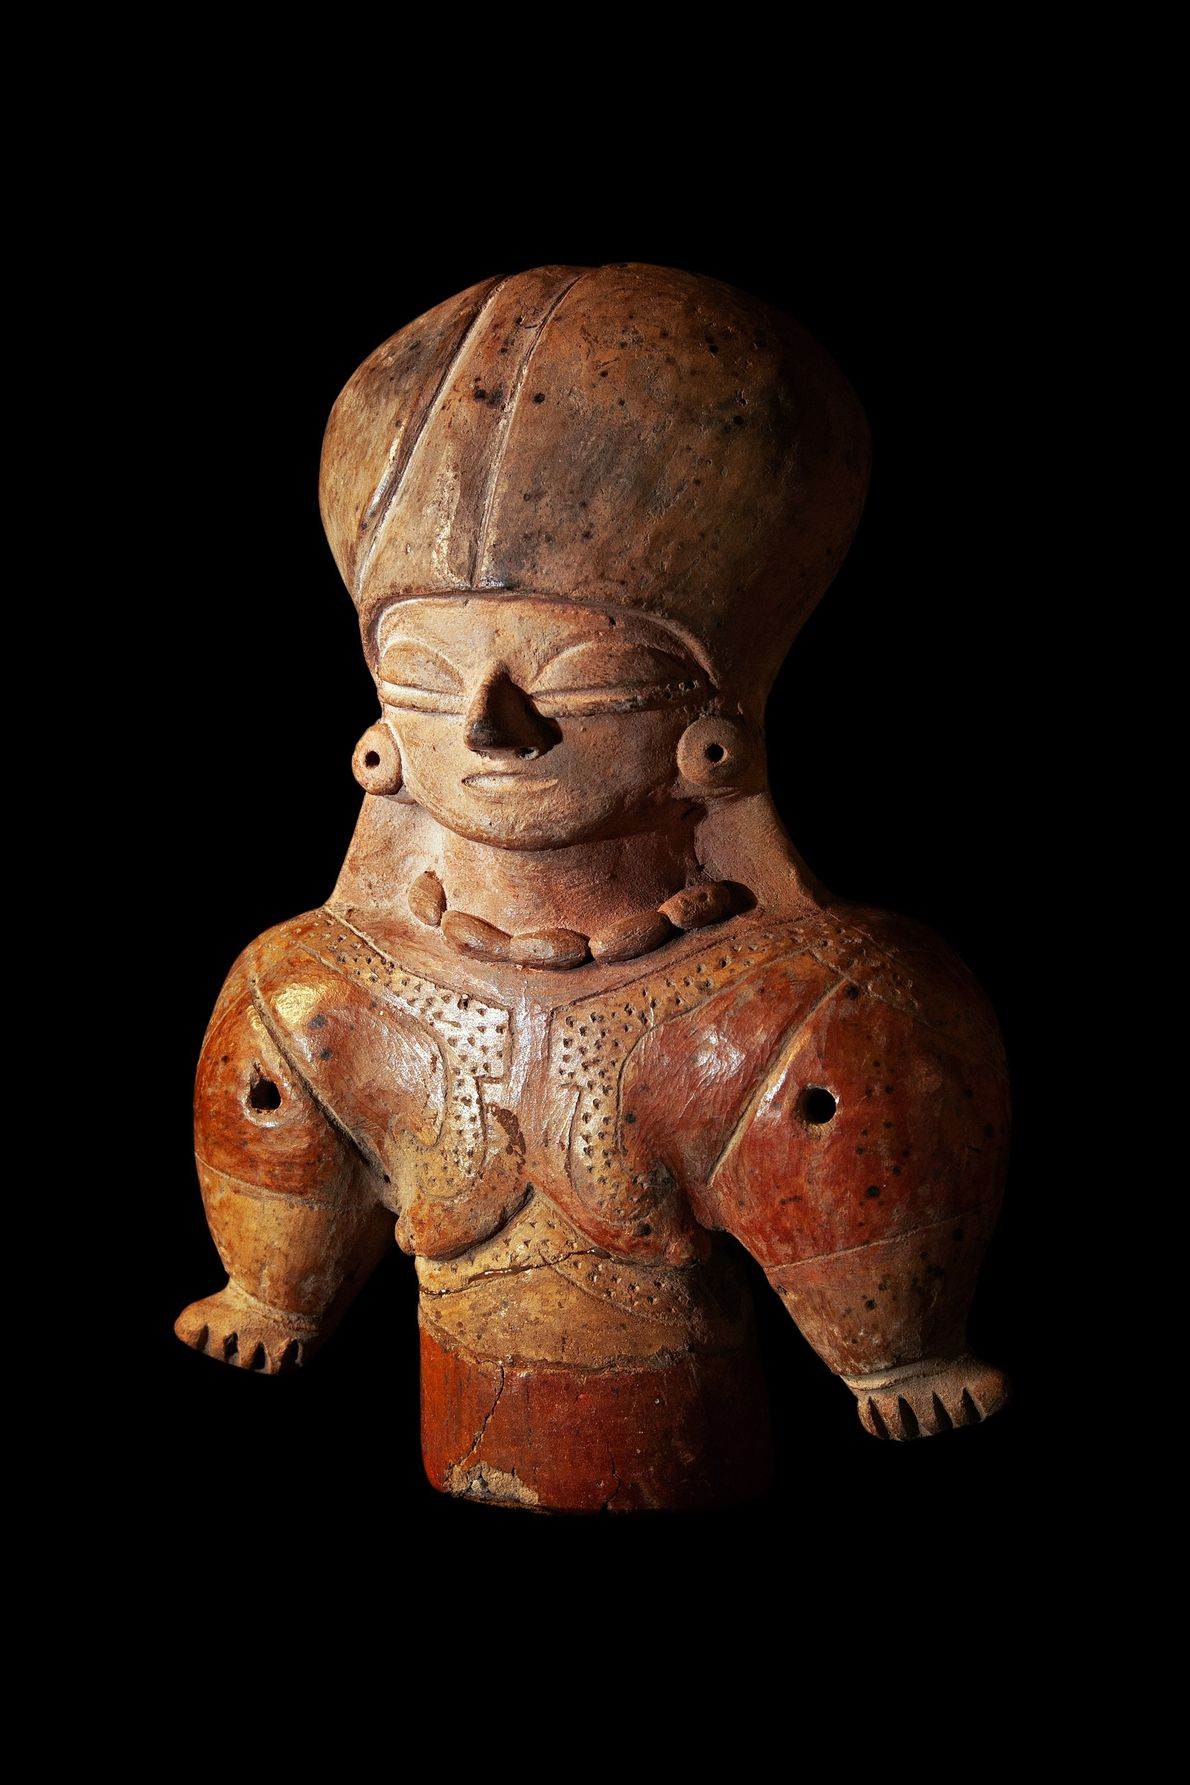 Escultura de cerâmica de personagem com turbante e vestido vermelho da cultura chorrera encontrado nos Andes ...